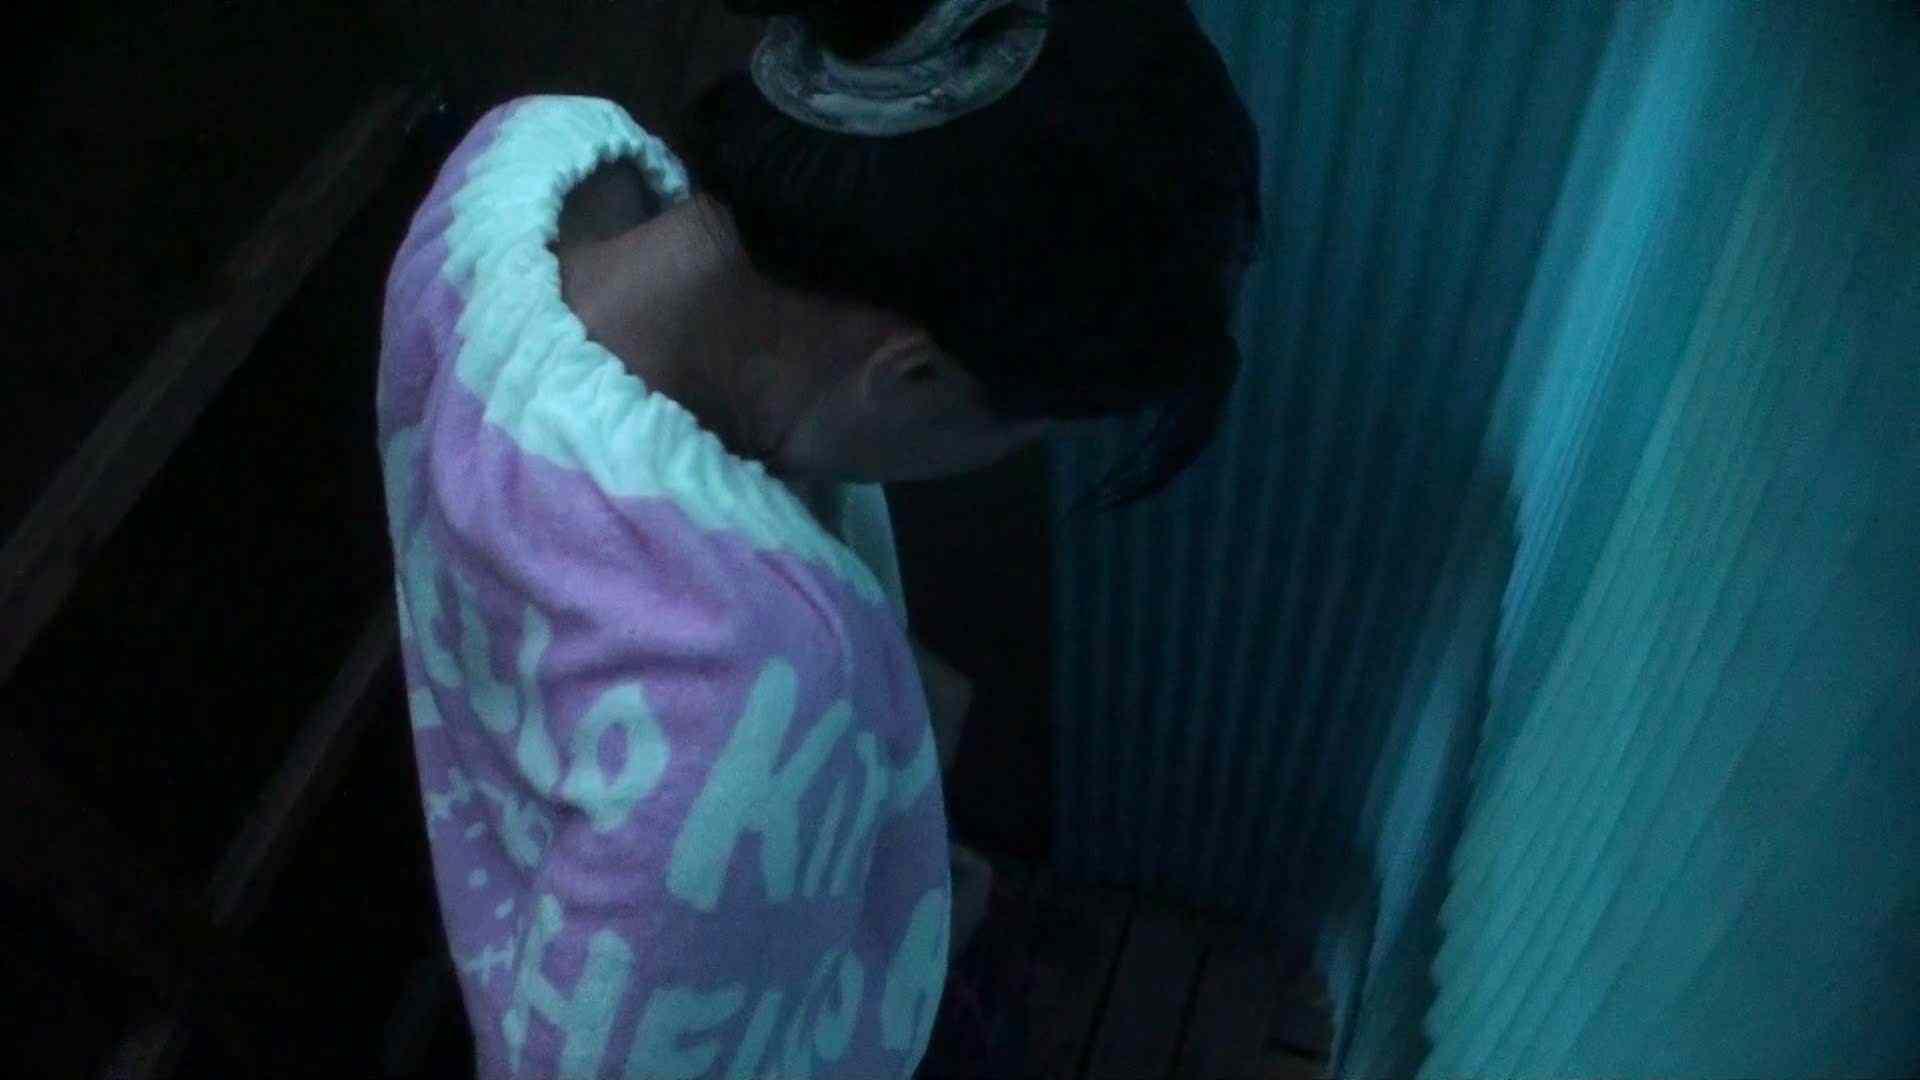 シャワールームは超!!危険な香りVol.26 大学生風美形ギャル 暗さが残念! すけべなOL AV無料 106画像 46